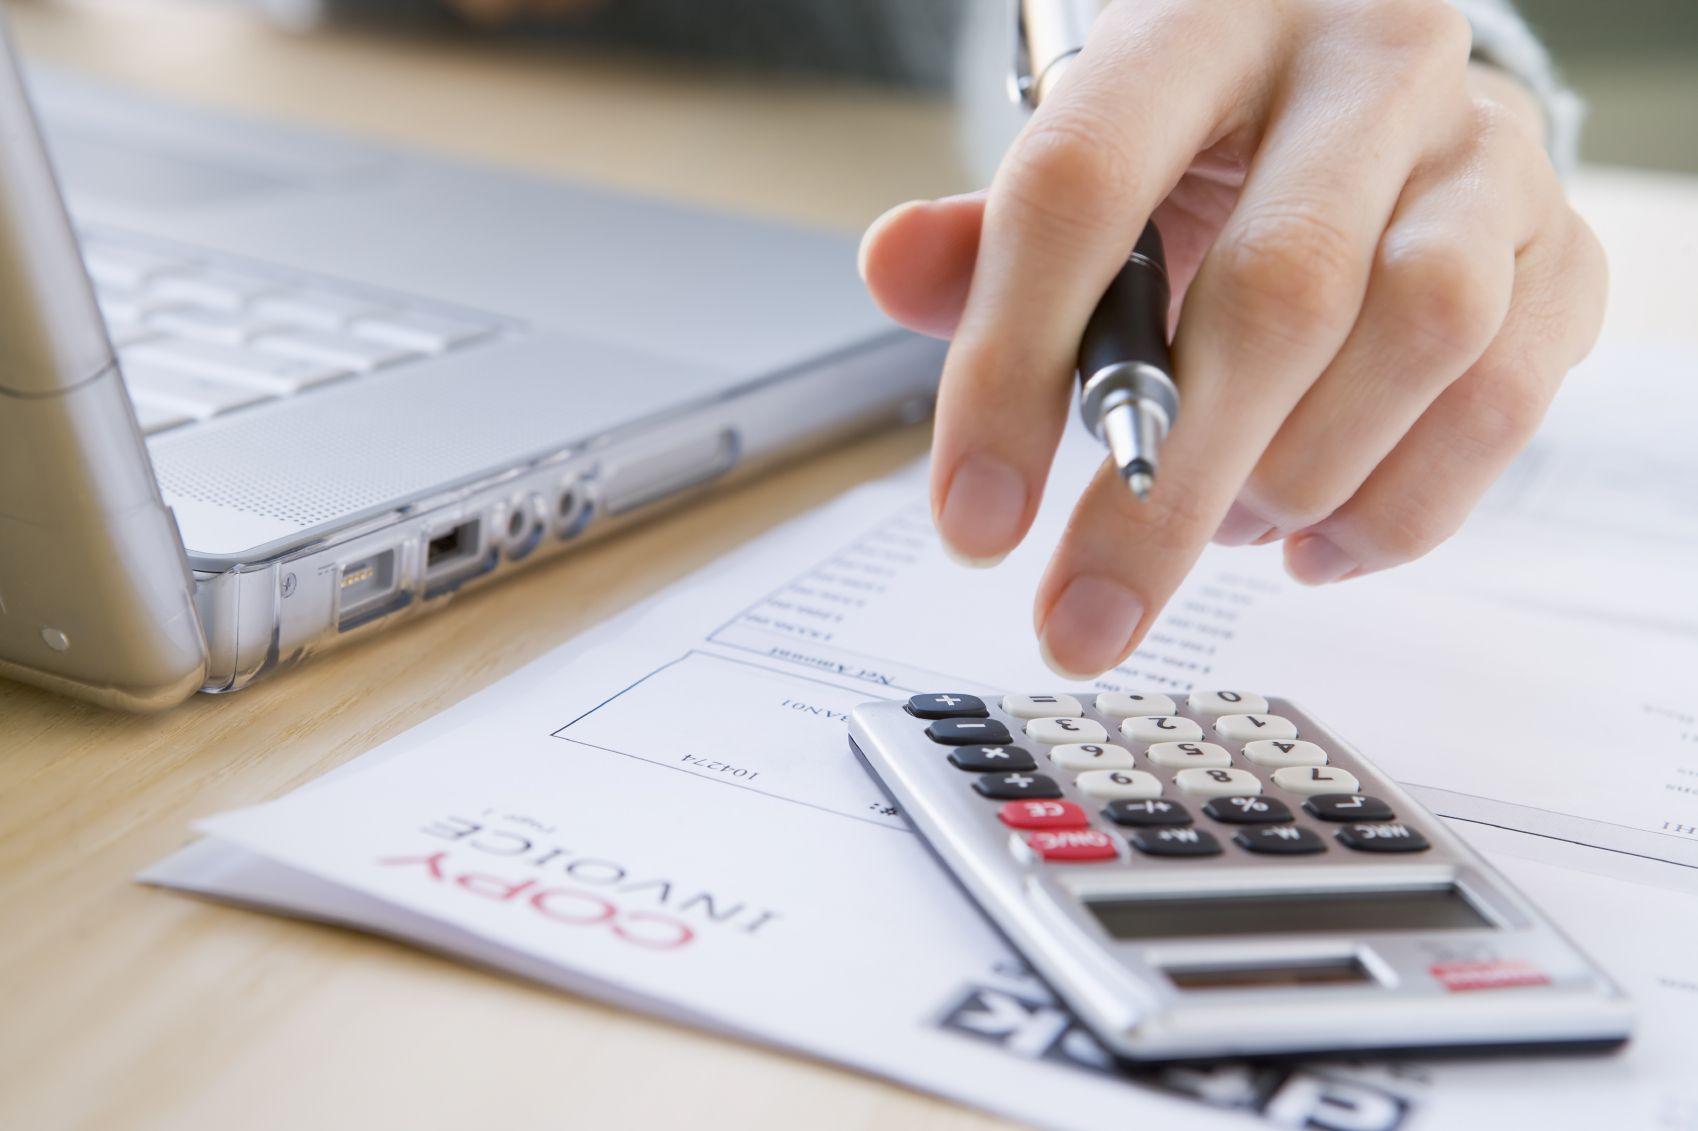 Scadenze fiscali 2017, il calendario coi principali appuntamenti da ricordare